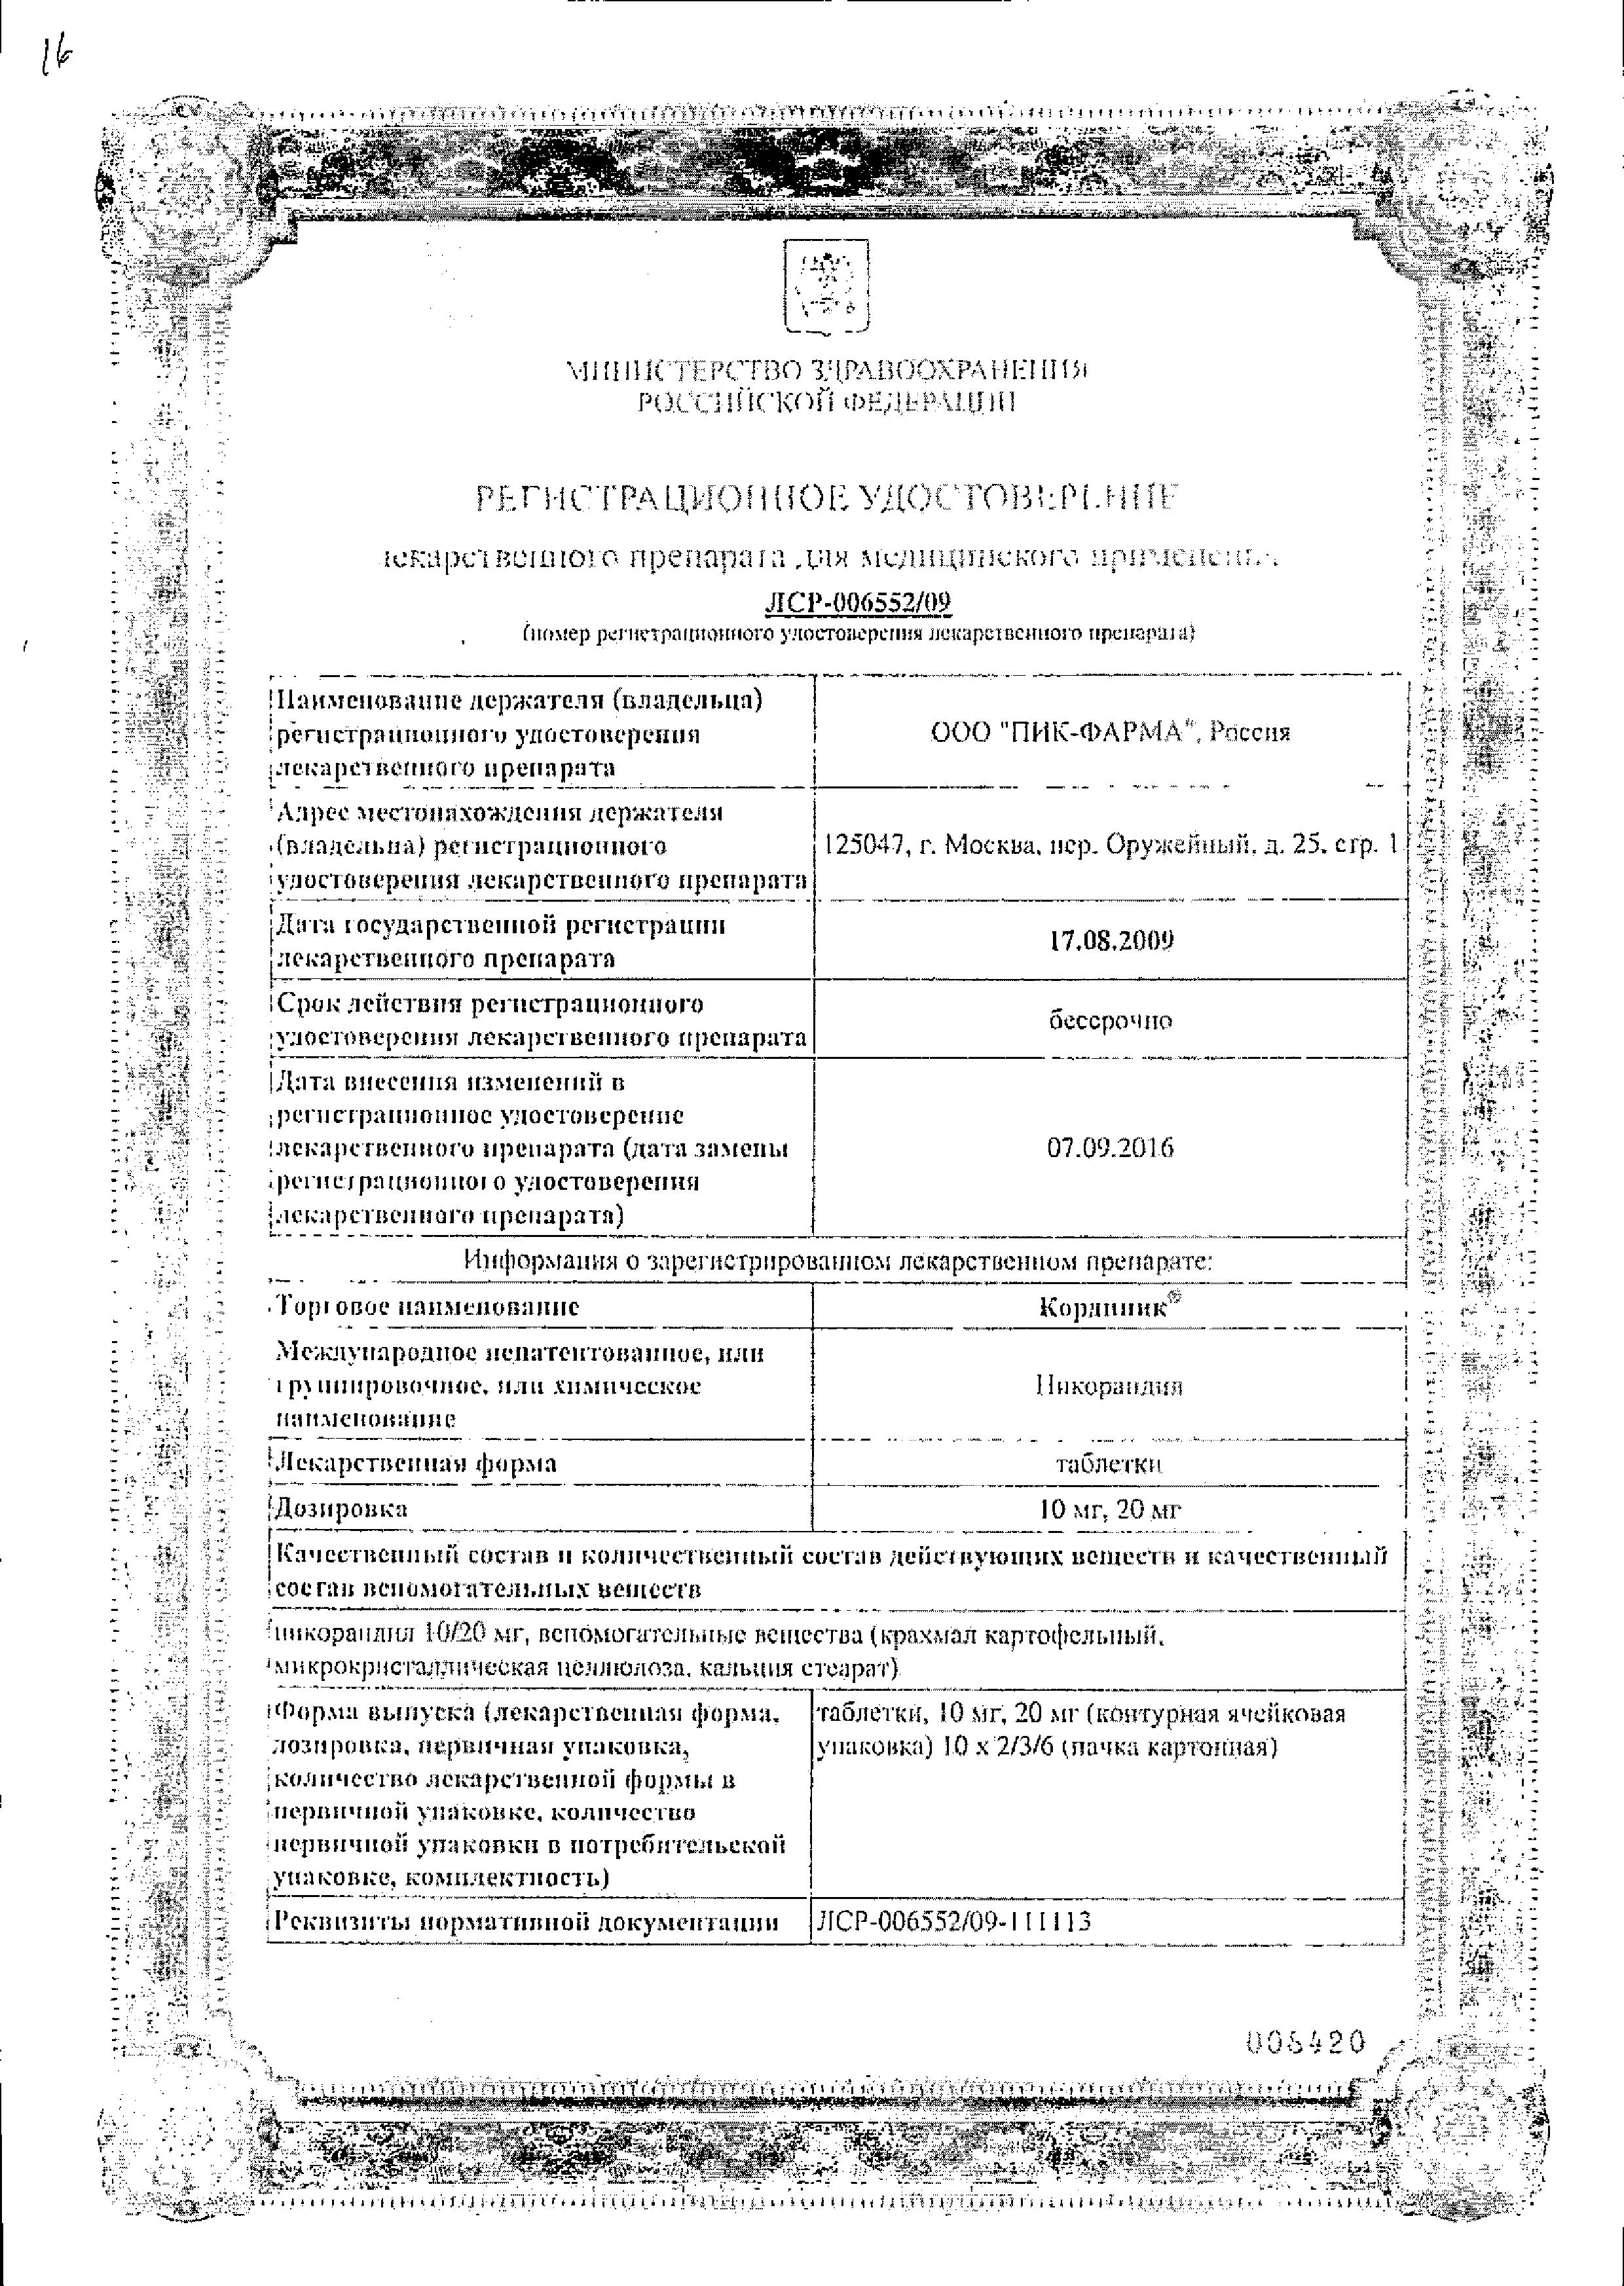 Кординик сертификат